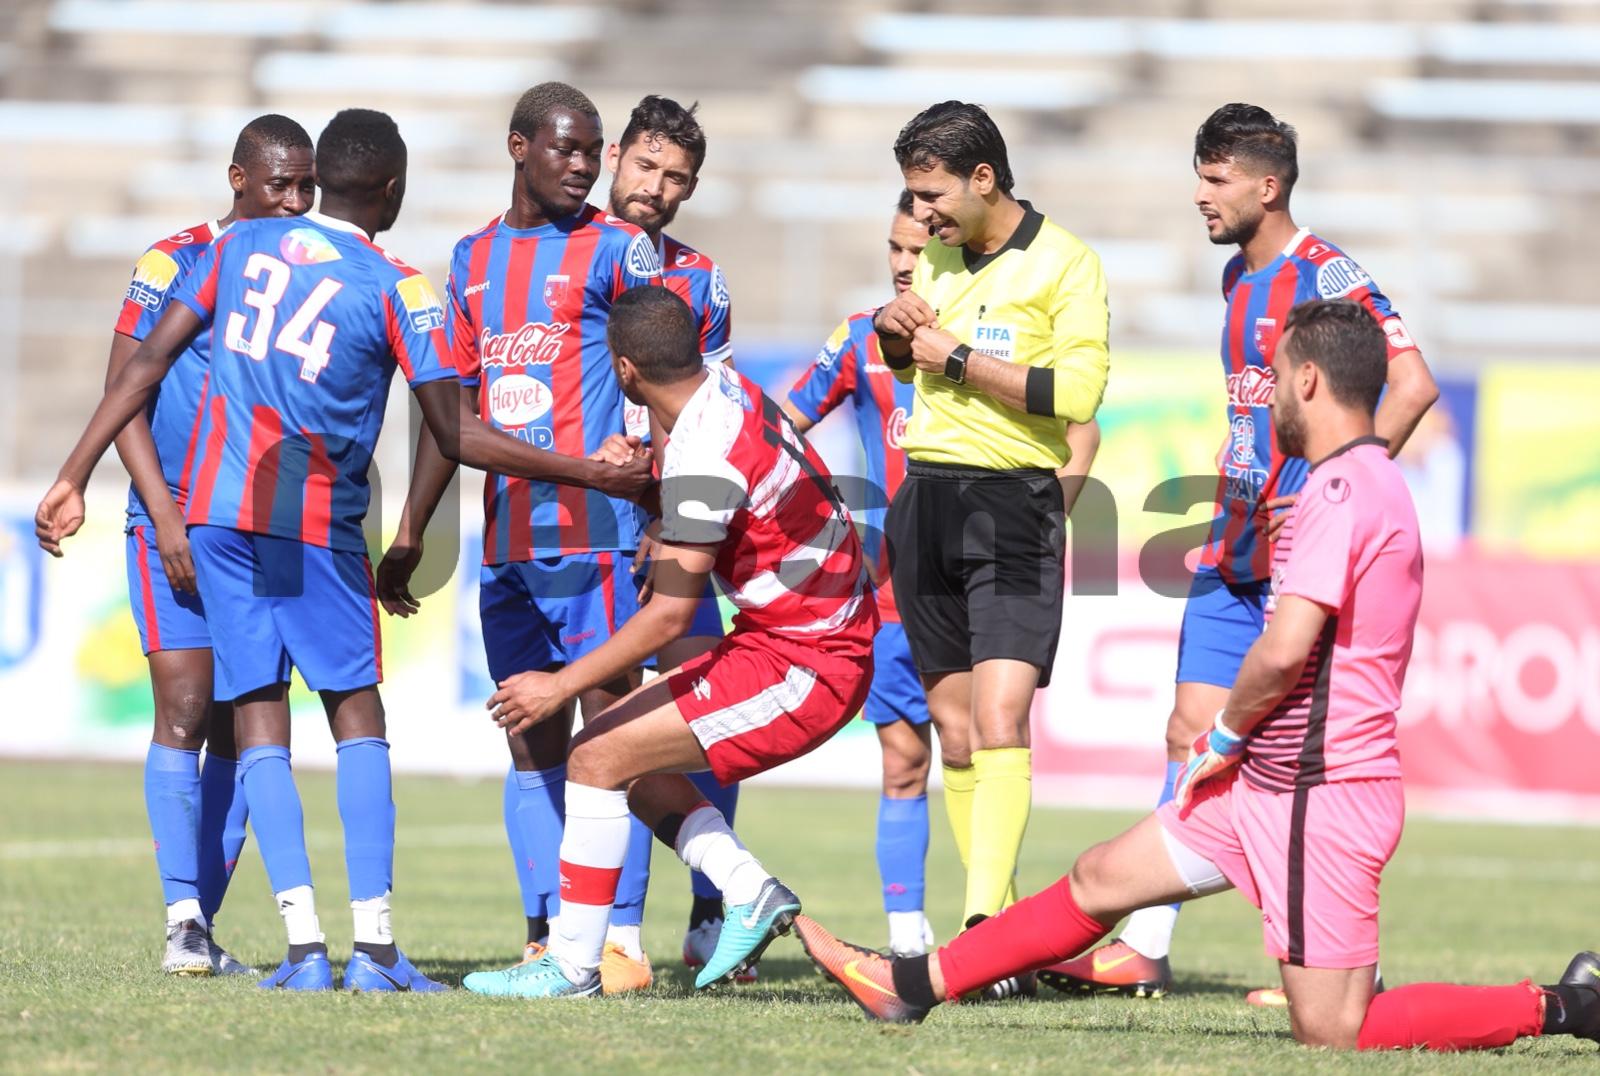 صور الشوط الثاني من مباراة النادي الإفريقي والإتحاد الرياضي بتطاوين